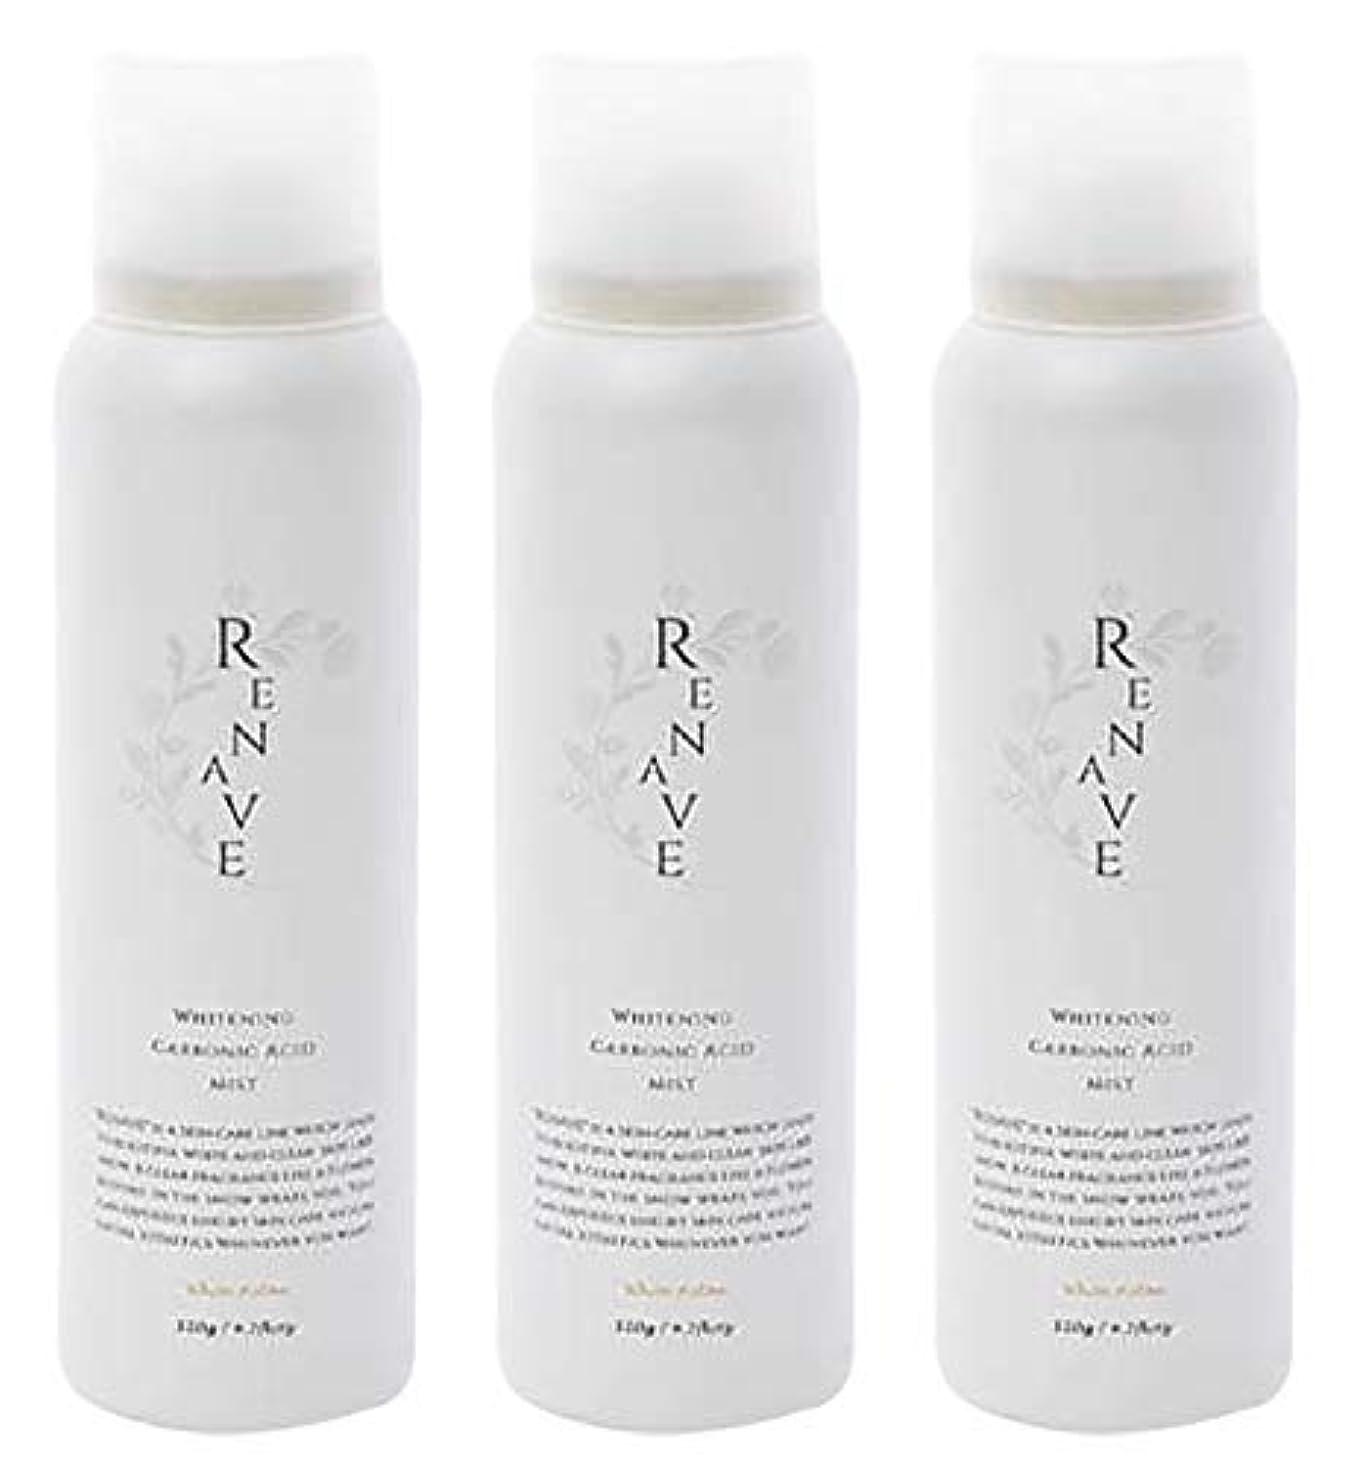 パスタ湾空白RENAVE(リネーヴェ) 高濃度炭酸ミスト 薬用美白化粧水 120ml 3本セット